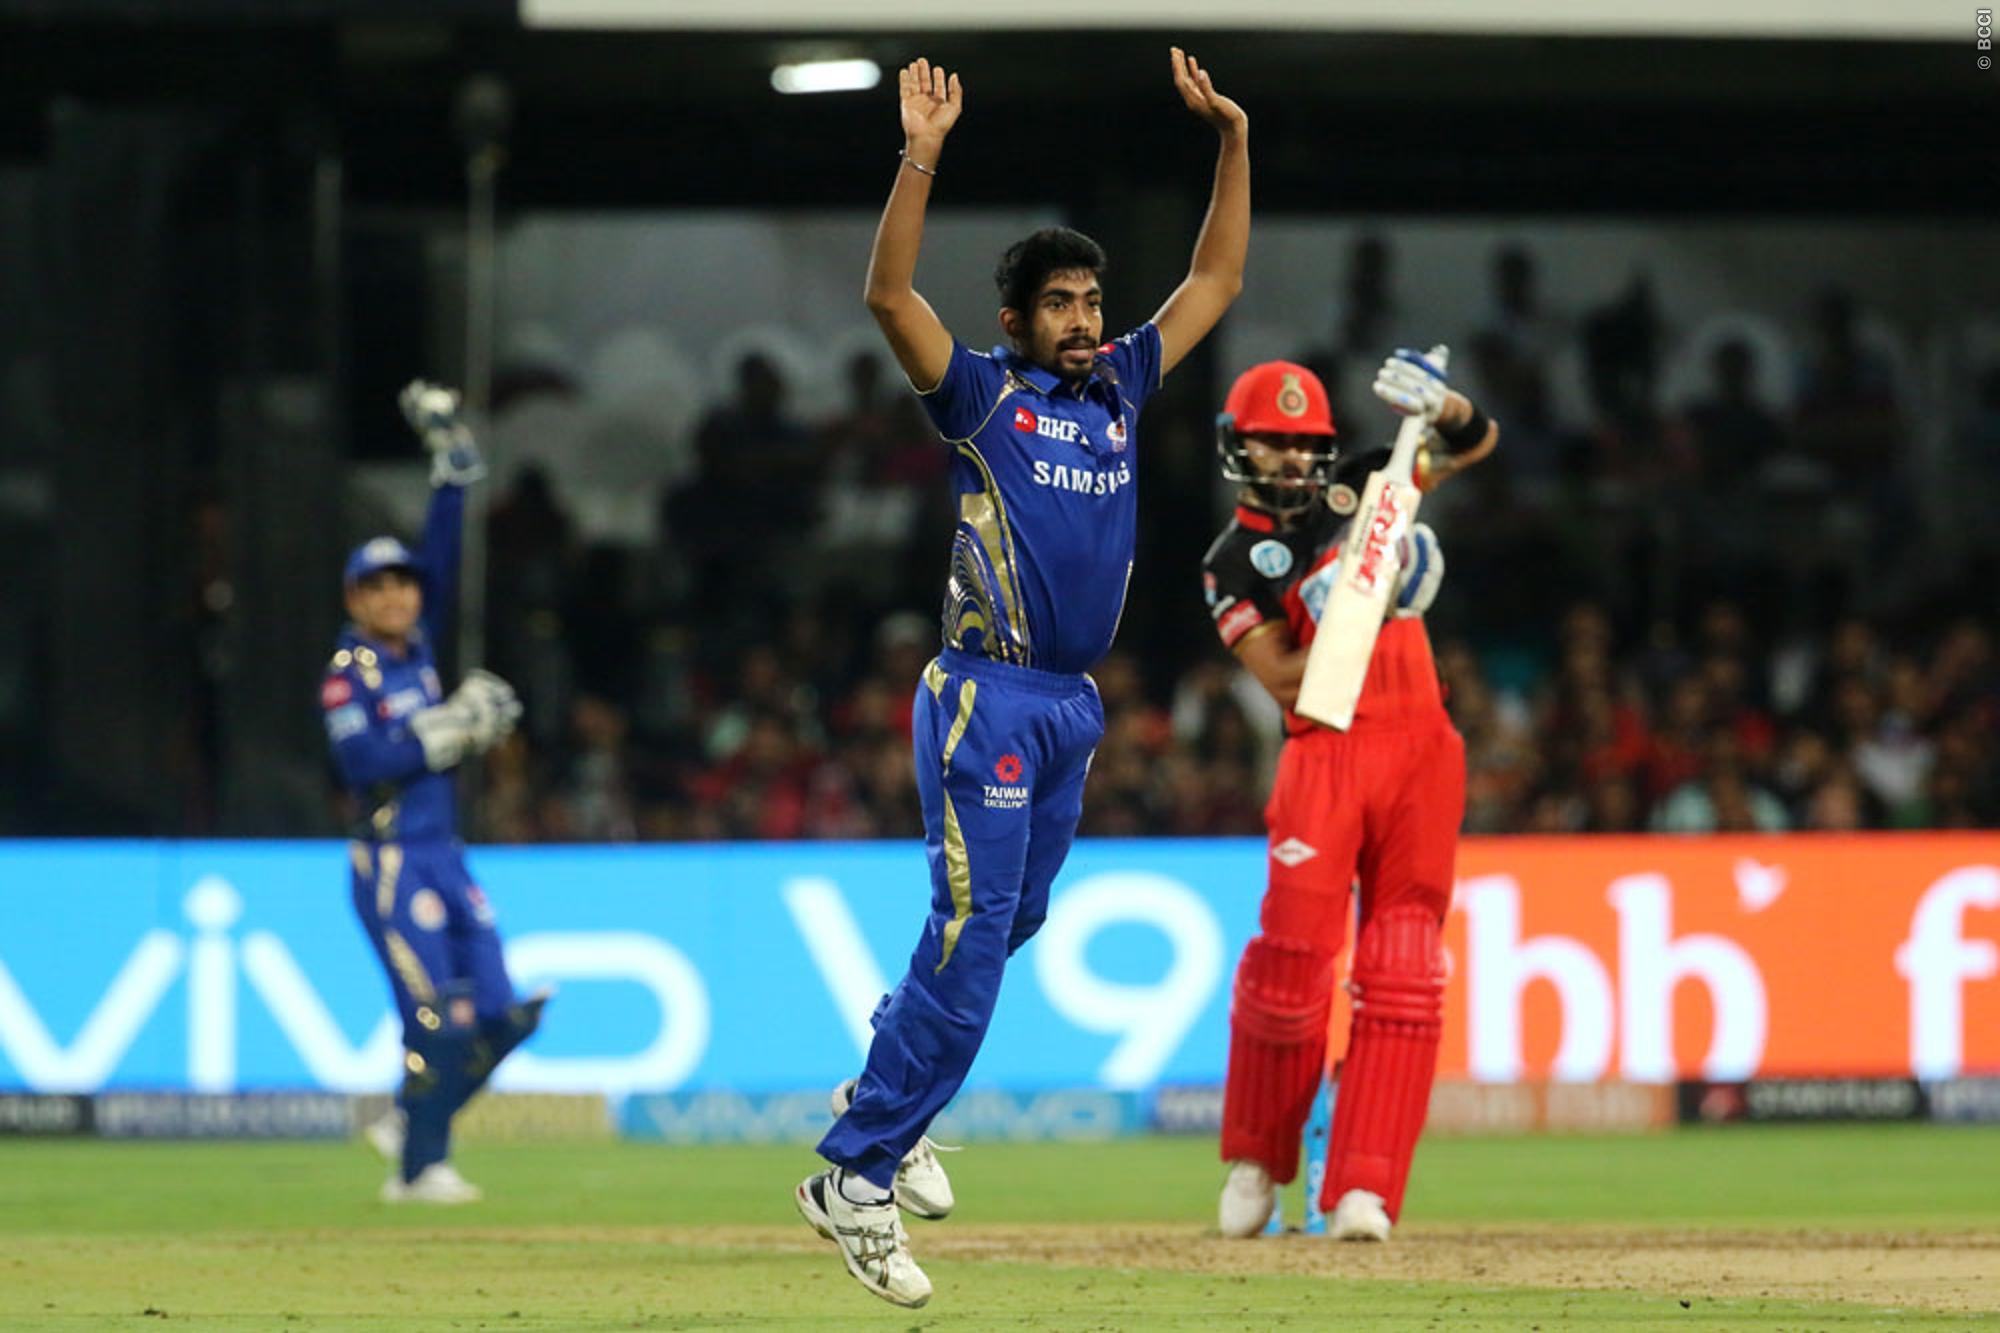 वीडियो- 24 रन के निजी स्कोर पर ही बुमराह ने कर दिया था विराट को आउट लेकिन रोहित की गलती की वजह से नहीं दिया गया आउट